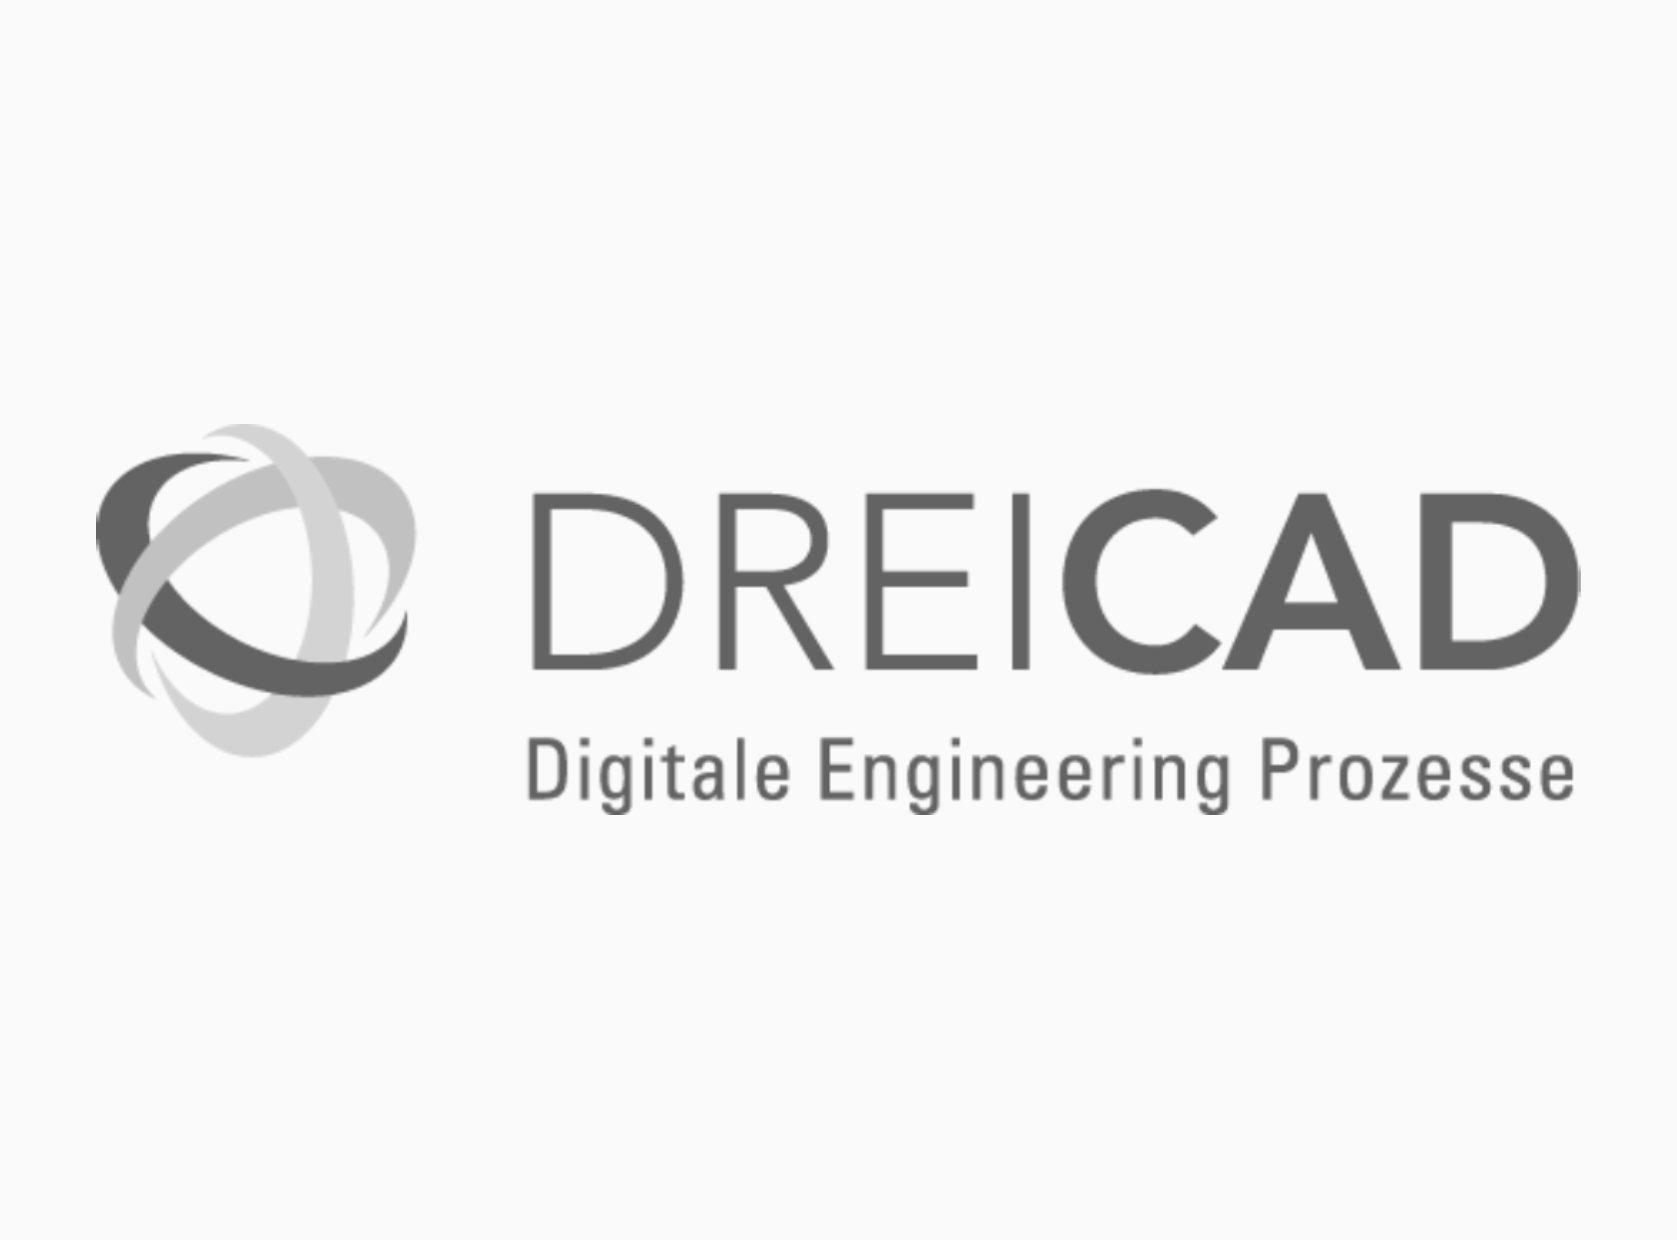 Dreicad